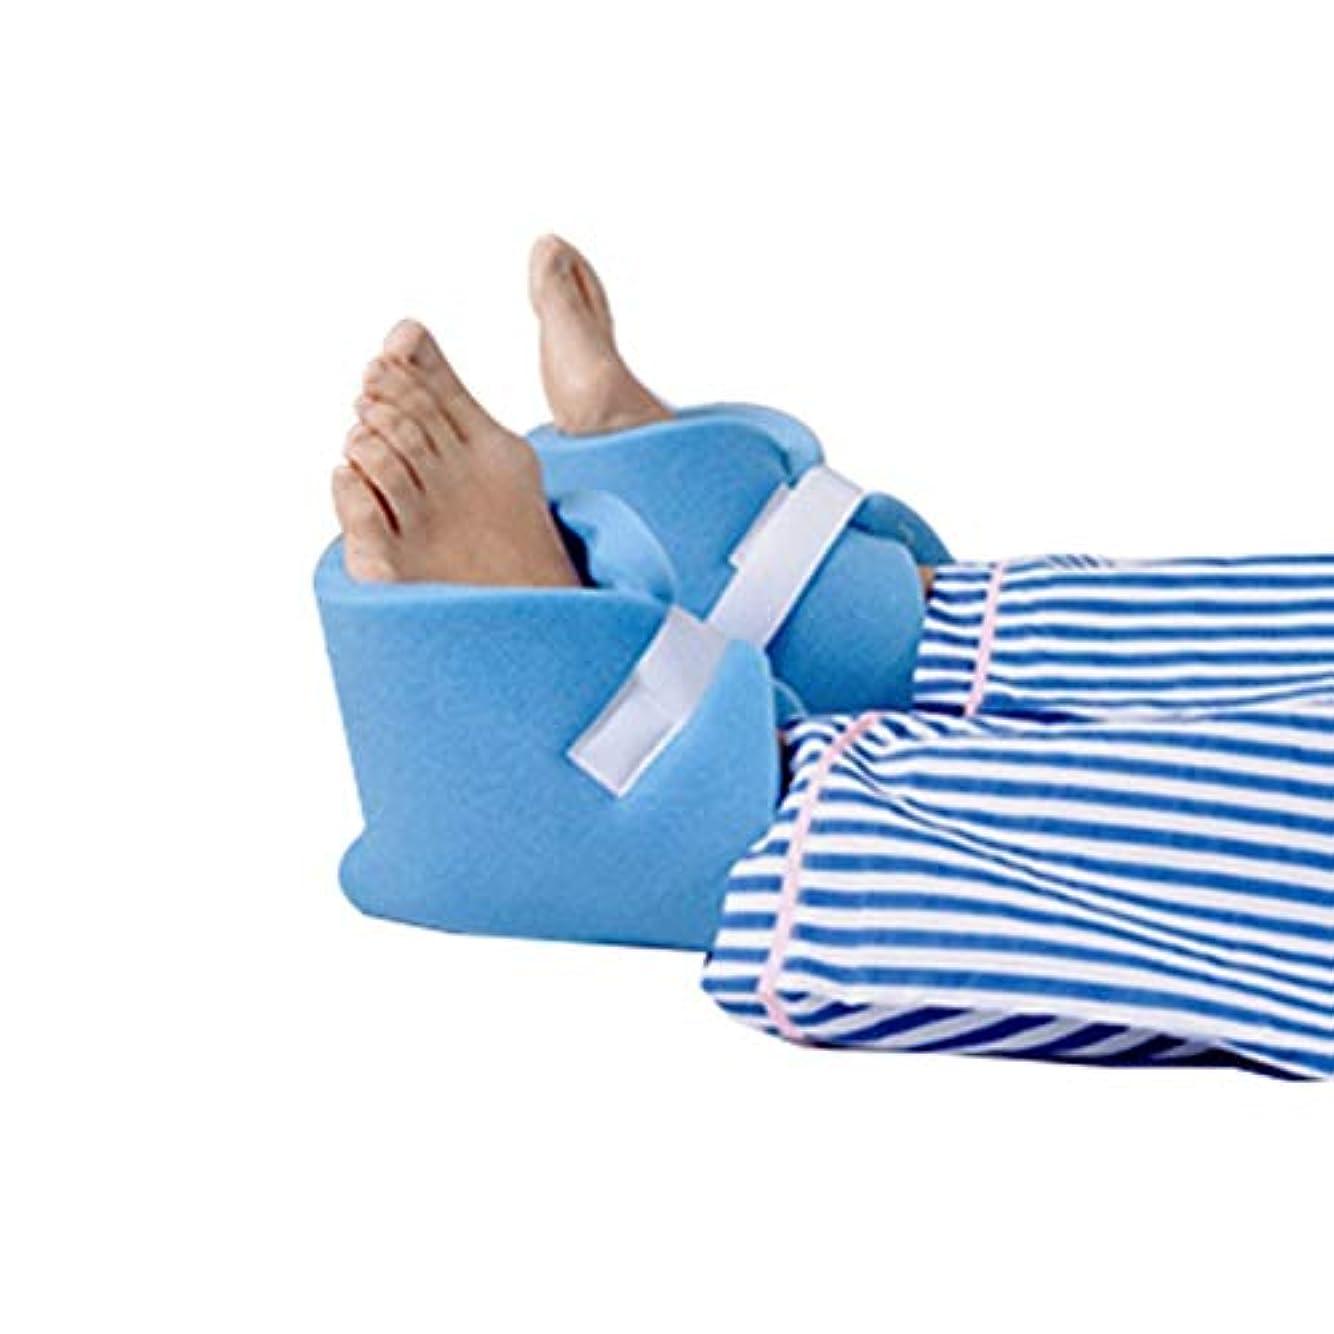 論争の的パターン平野フォームヒールクッション、Pressure瘡予防のための足首プロテクター、デラックスワンペア(ブルー)